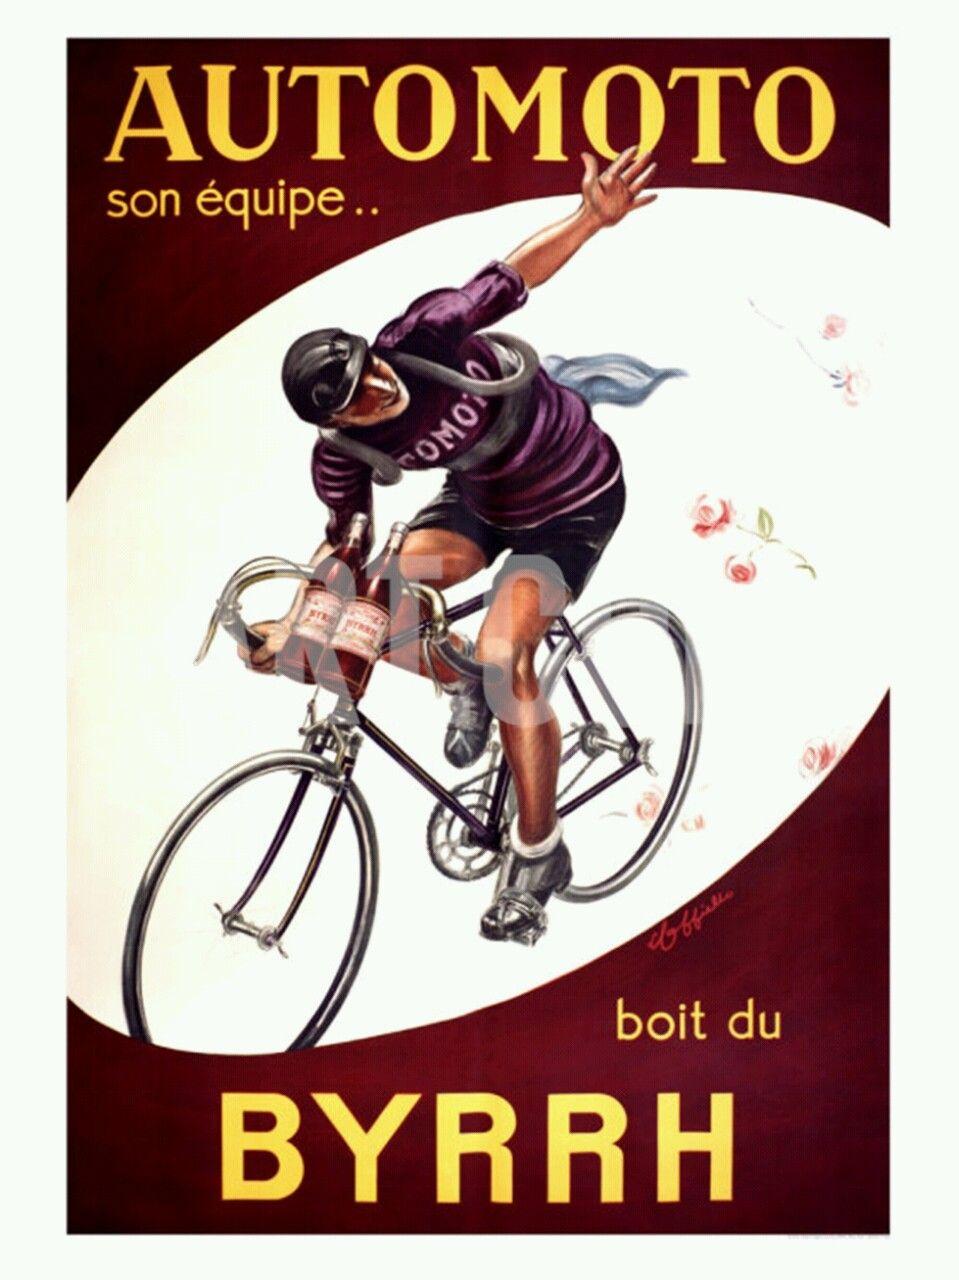 vintage french ad reading Automoto son équipe boit du